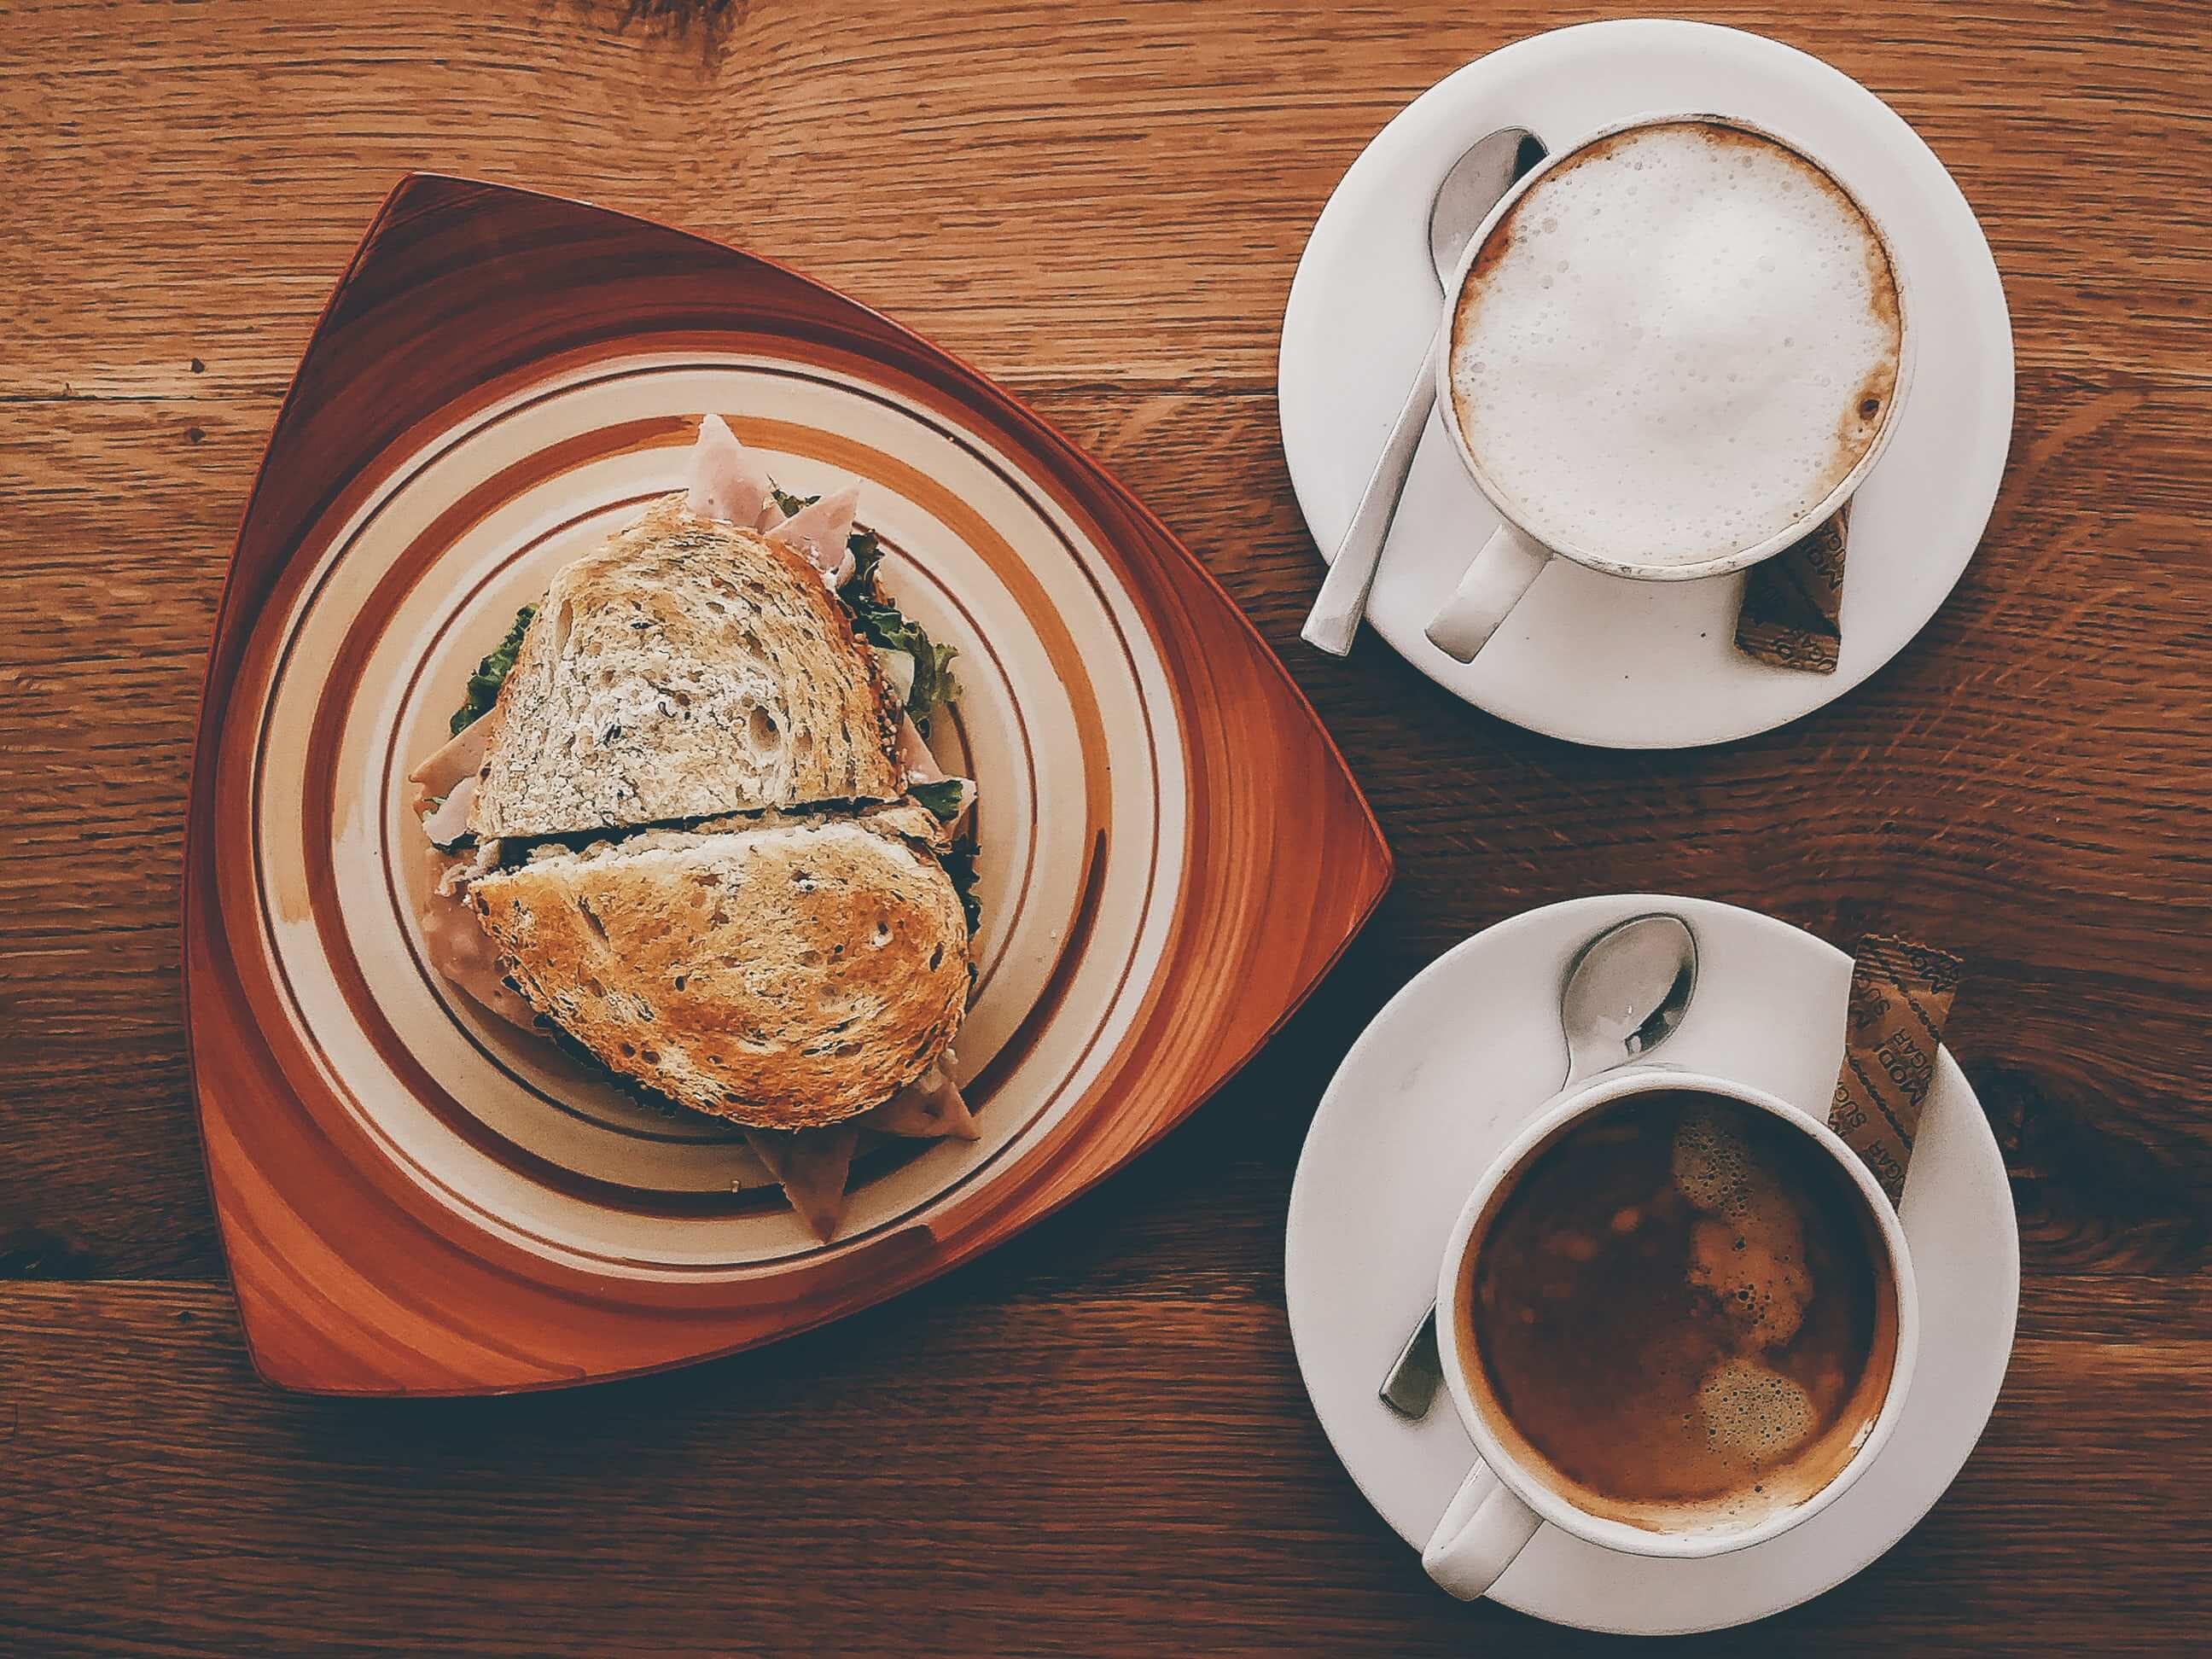 只有北海道才有的美味早餐!札幌車站周邊推薦的5家早餐 北海道、早餐、